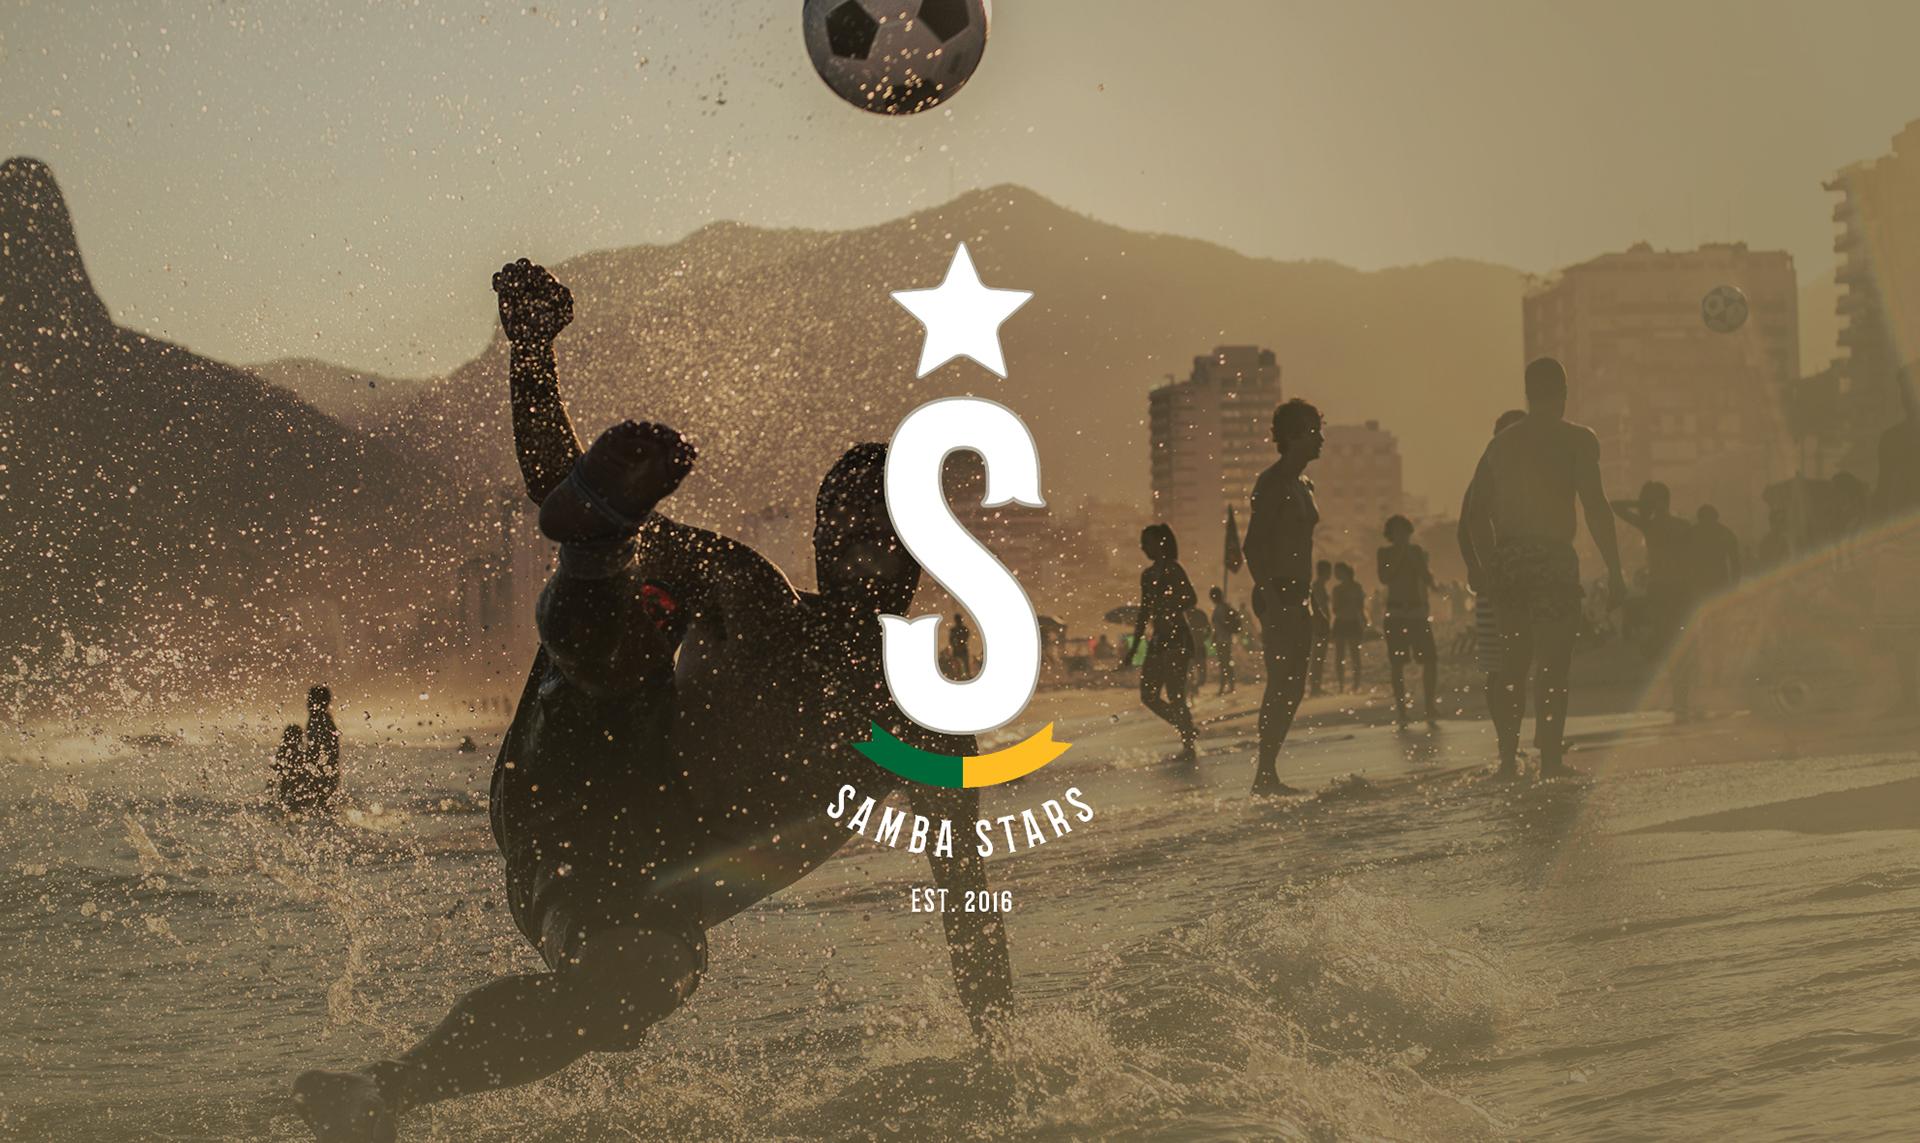 Samba Stars